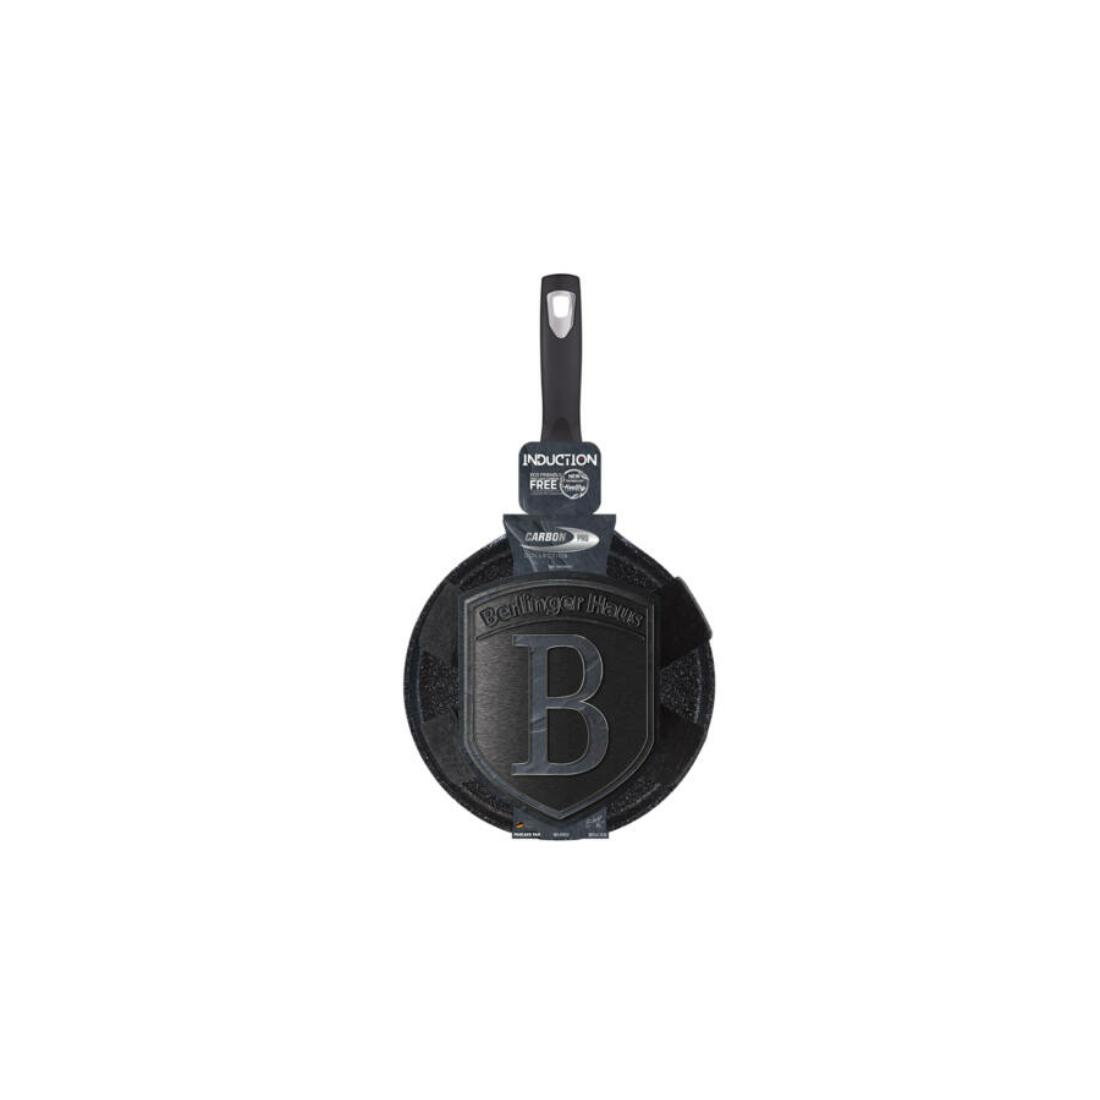 Berlinger Haus Carbon Pro Collection palacsintasütő márvány bevonattal, metál külső bevonattal